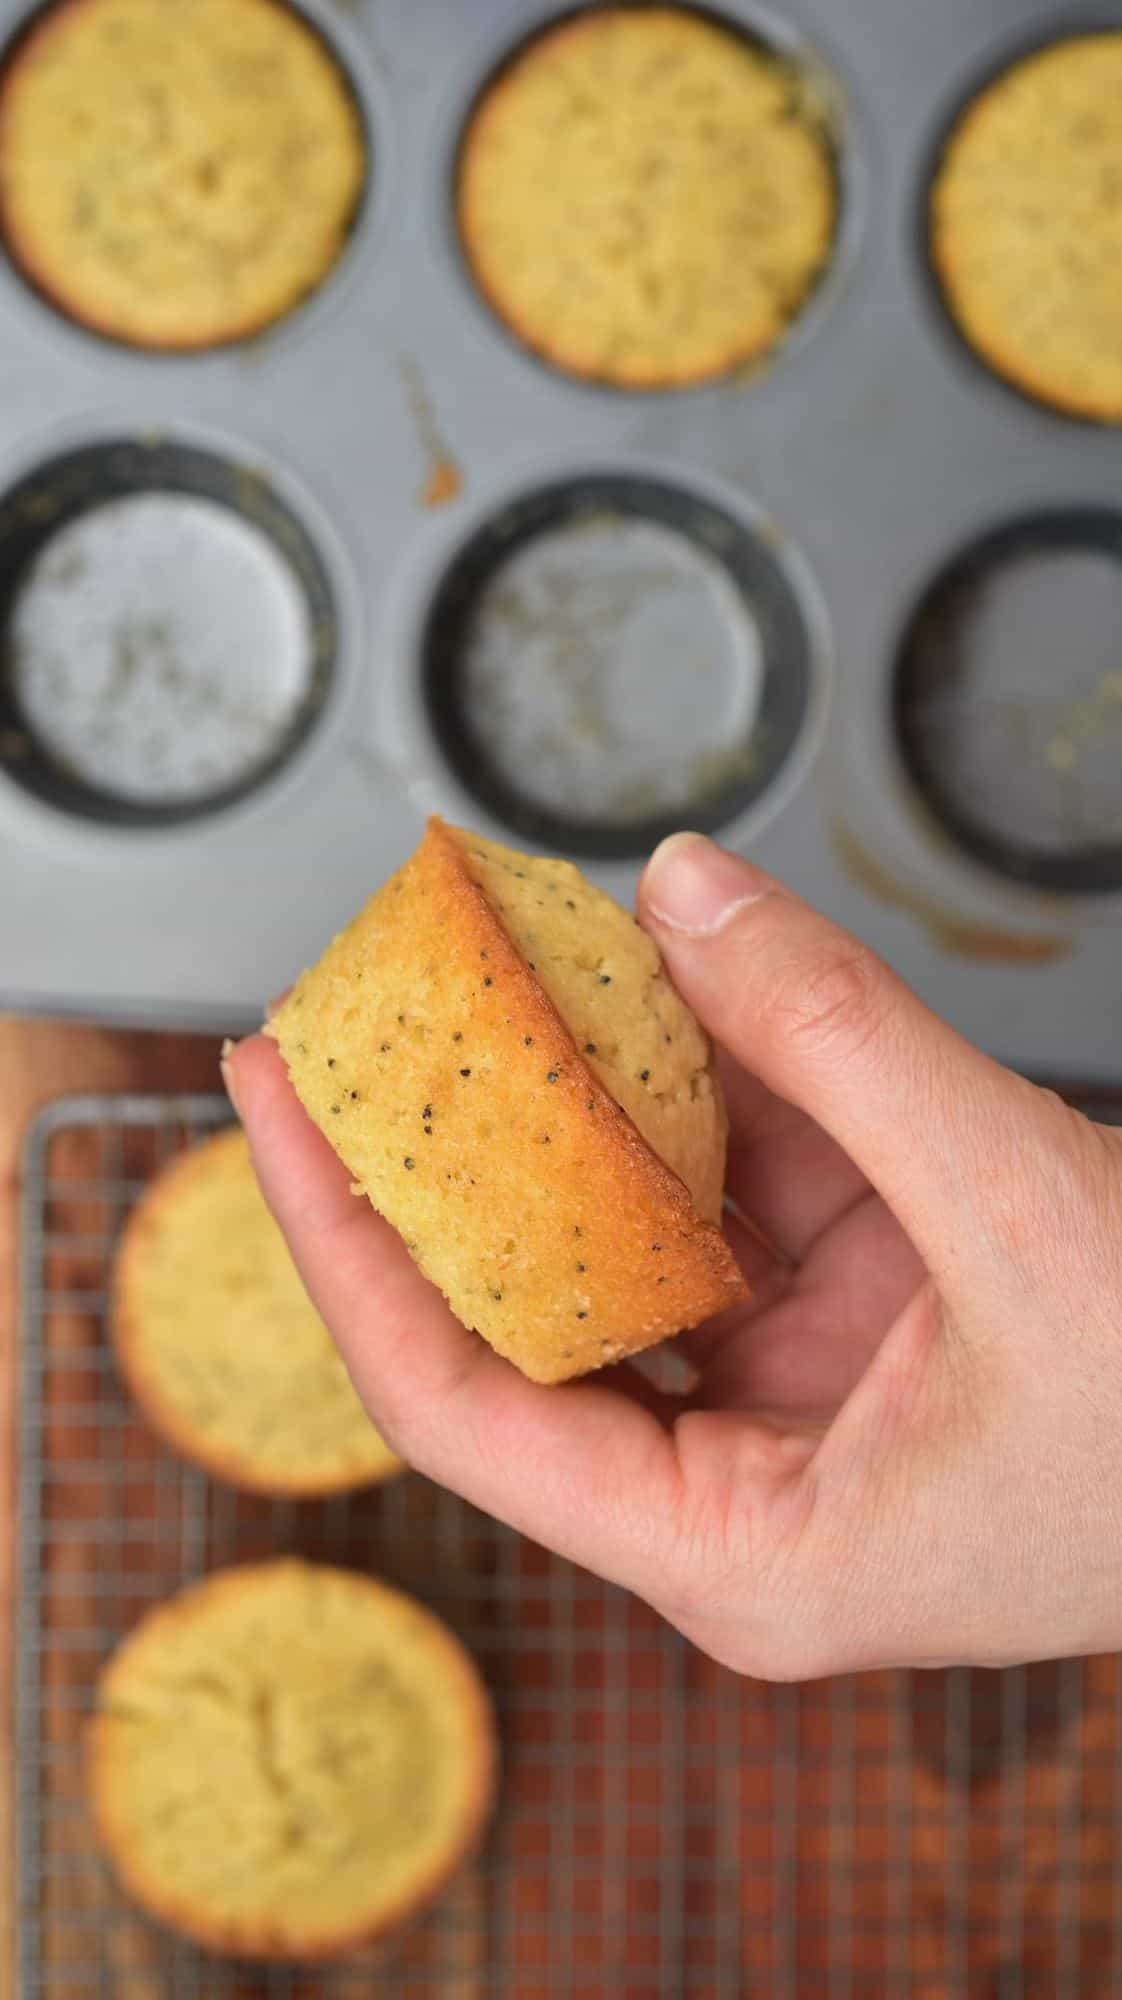 Freshly baked lemn cupcake